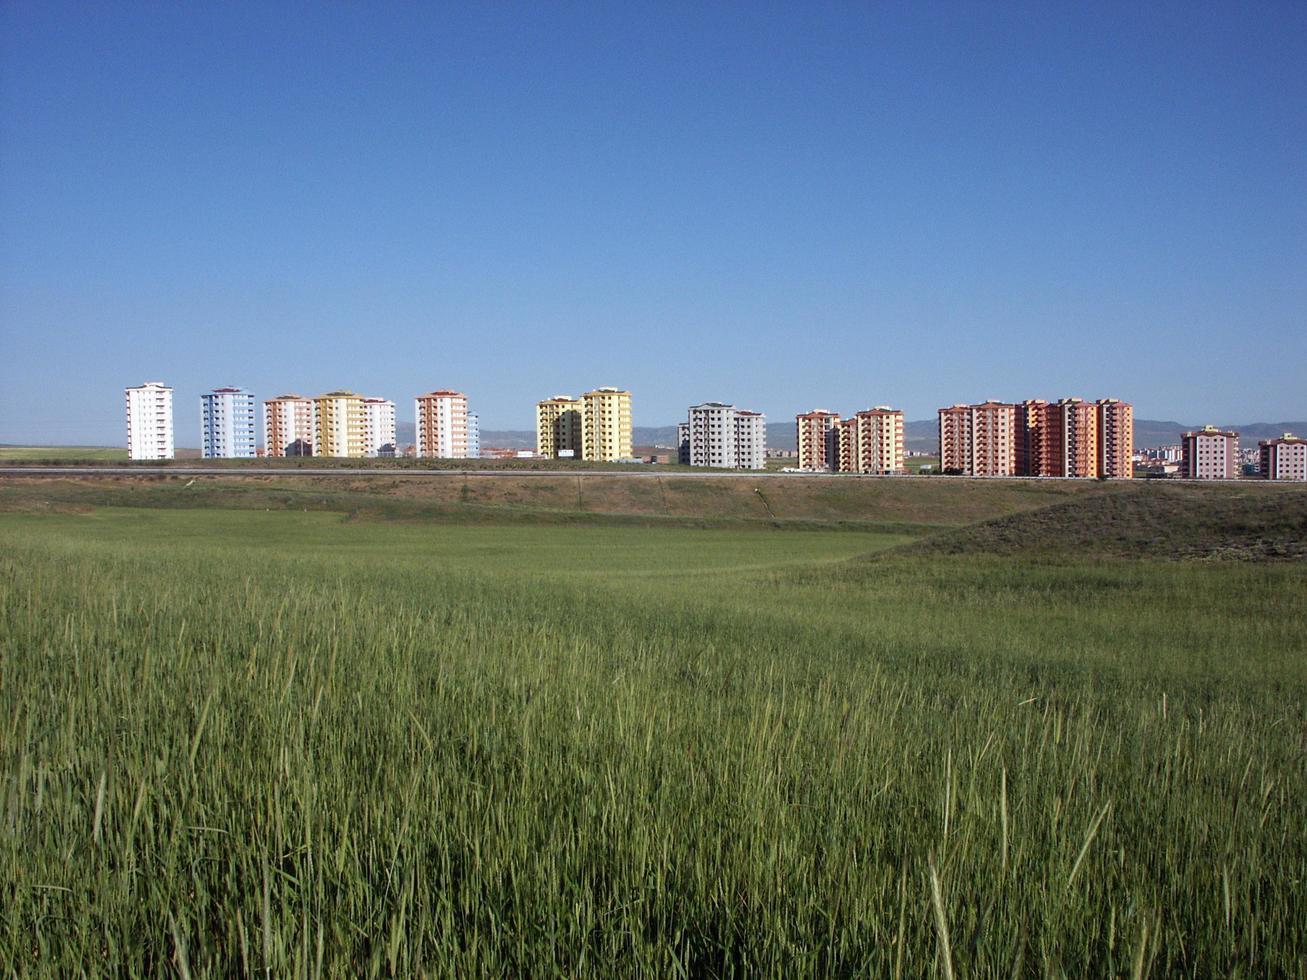 coöperatieve gebouwen voor volkshuisvesting foto